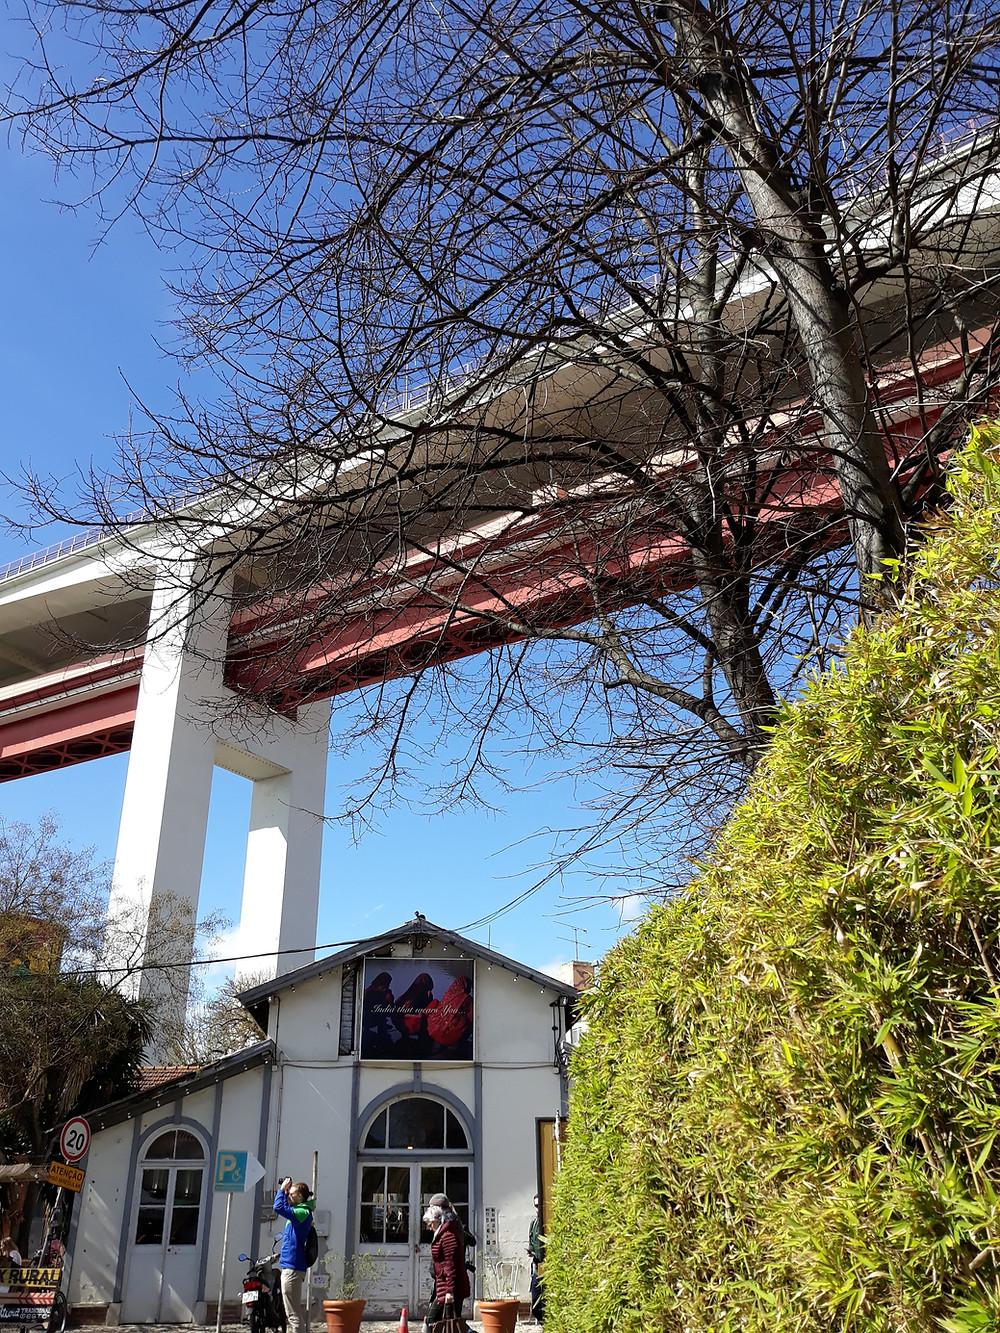 Por cima da LX Factory, a ponte 25 de Abril (Foto: Guiga Soares)